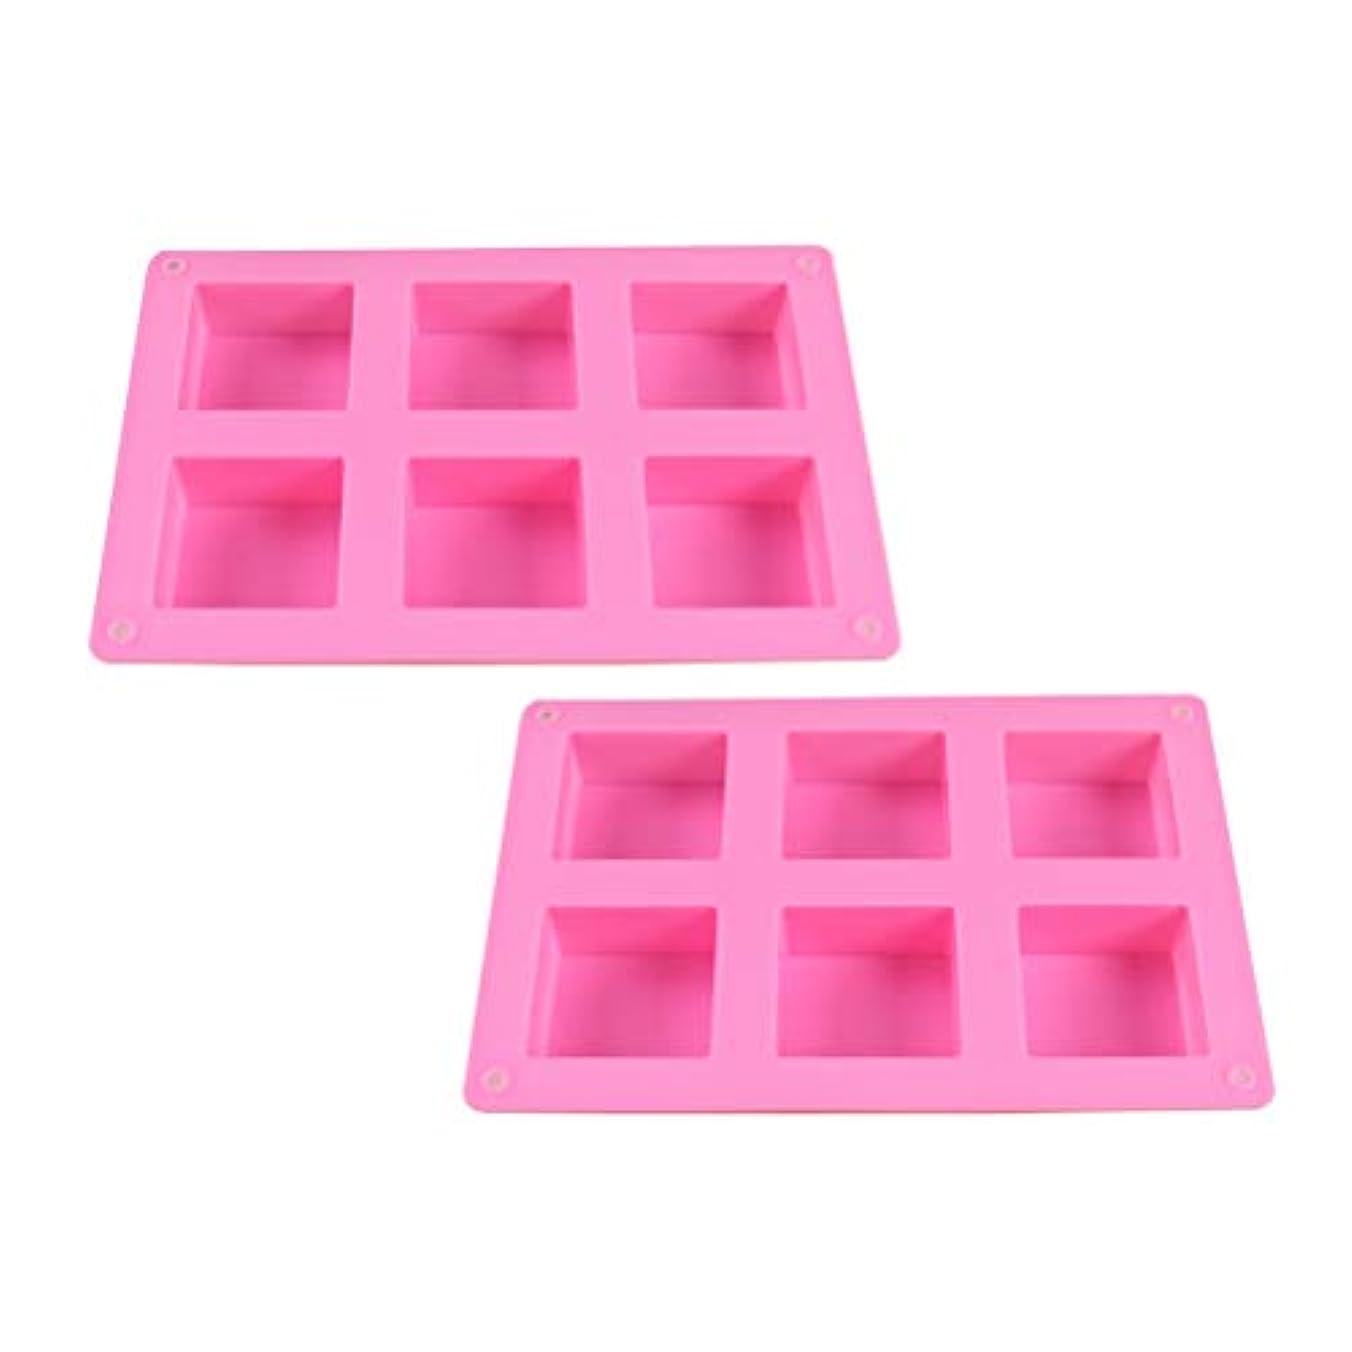 賢明なシードディンカルビルHEALIFTY DIYのケーキのベーキング型のための6つのキャビティシリコーンの石鹸型との石鹸作りのための2PCS石鹸型